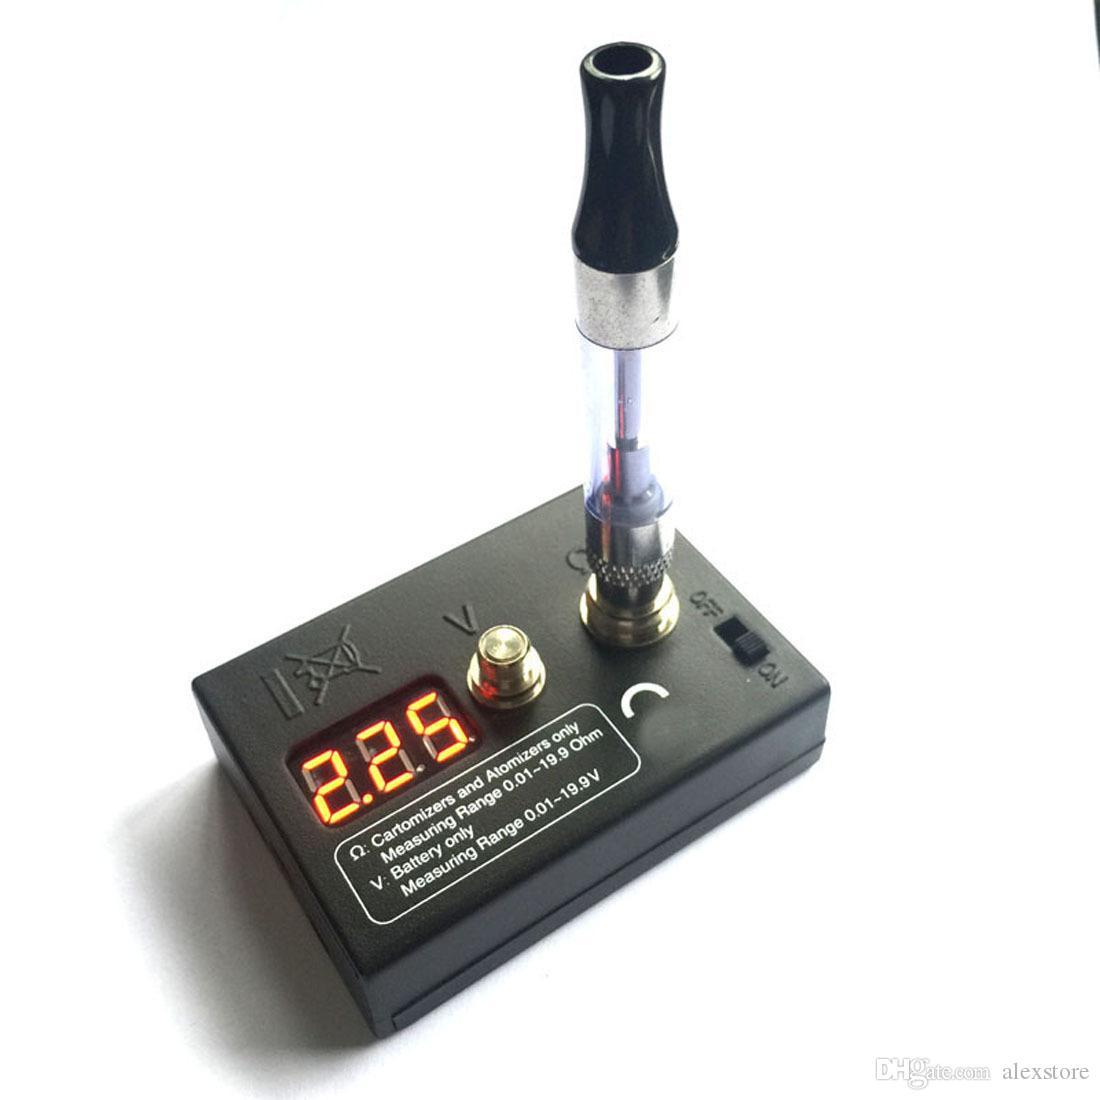 OHM meter motståndstester Digital testmaskin Svart mikroläsare för förstärkare Tank EGO 510 808D M7 M8 Tråd Batterispänning Vape DHL